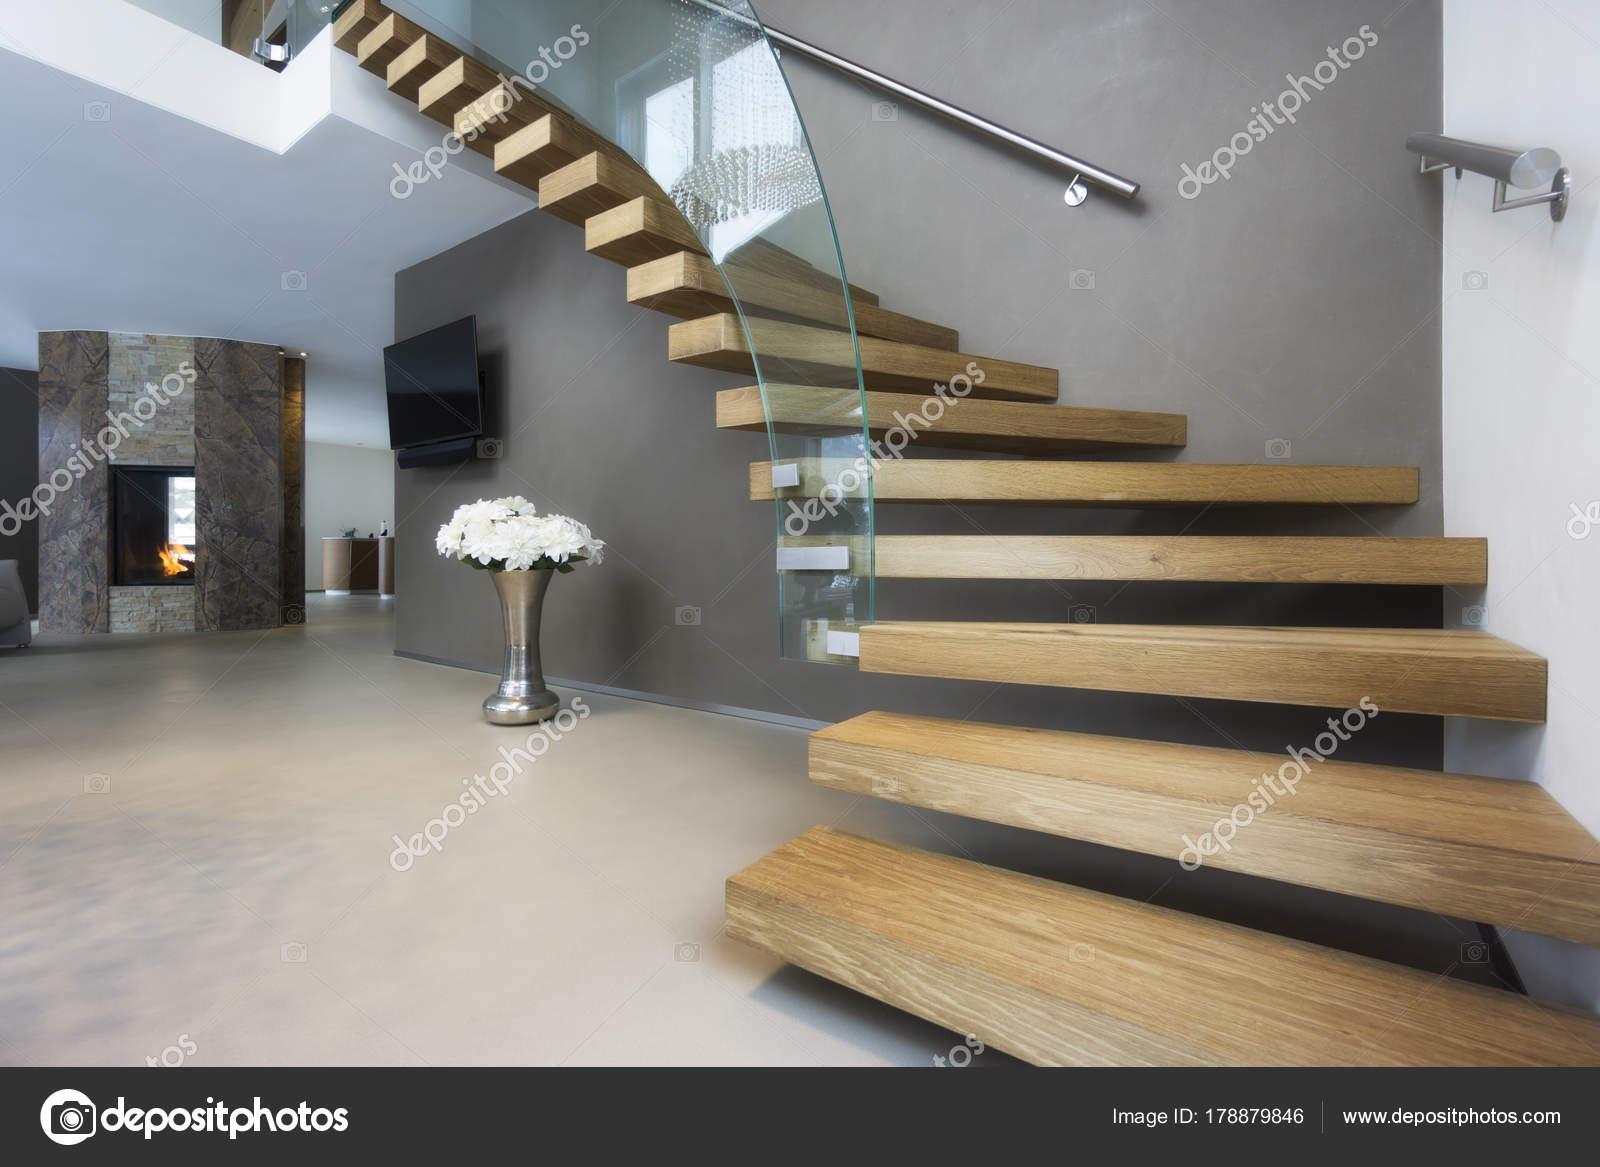 Fotos escaleras de casa lujosa elegante escalera de - Escaleras de cristal y madera ...